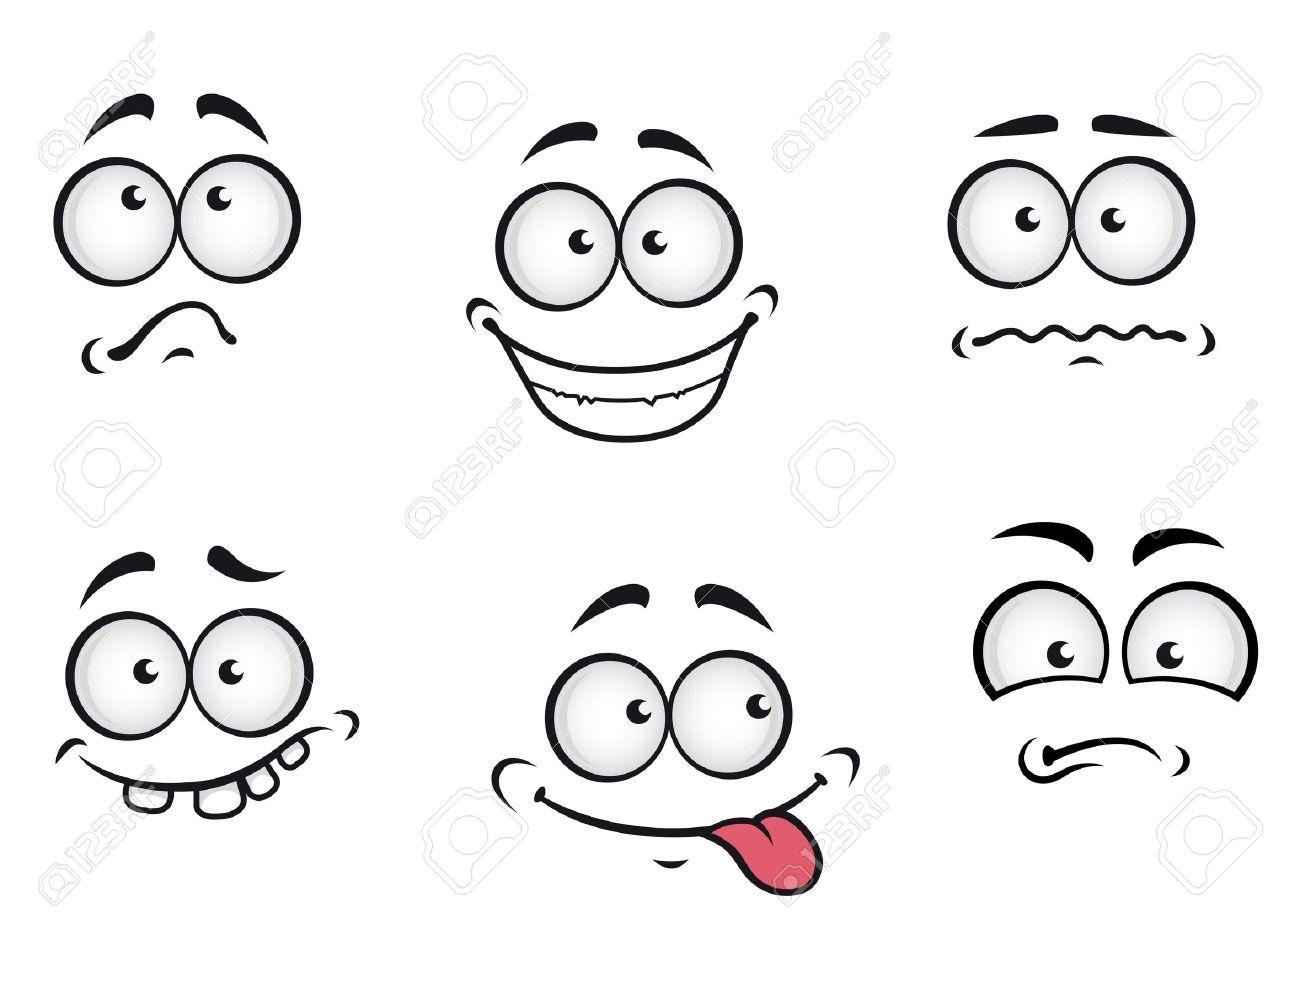 Cartoon emotions faces set for comics design Stock Vector - 13523198